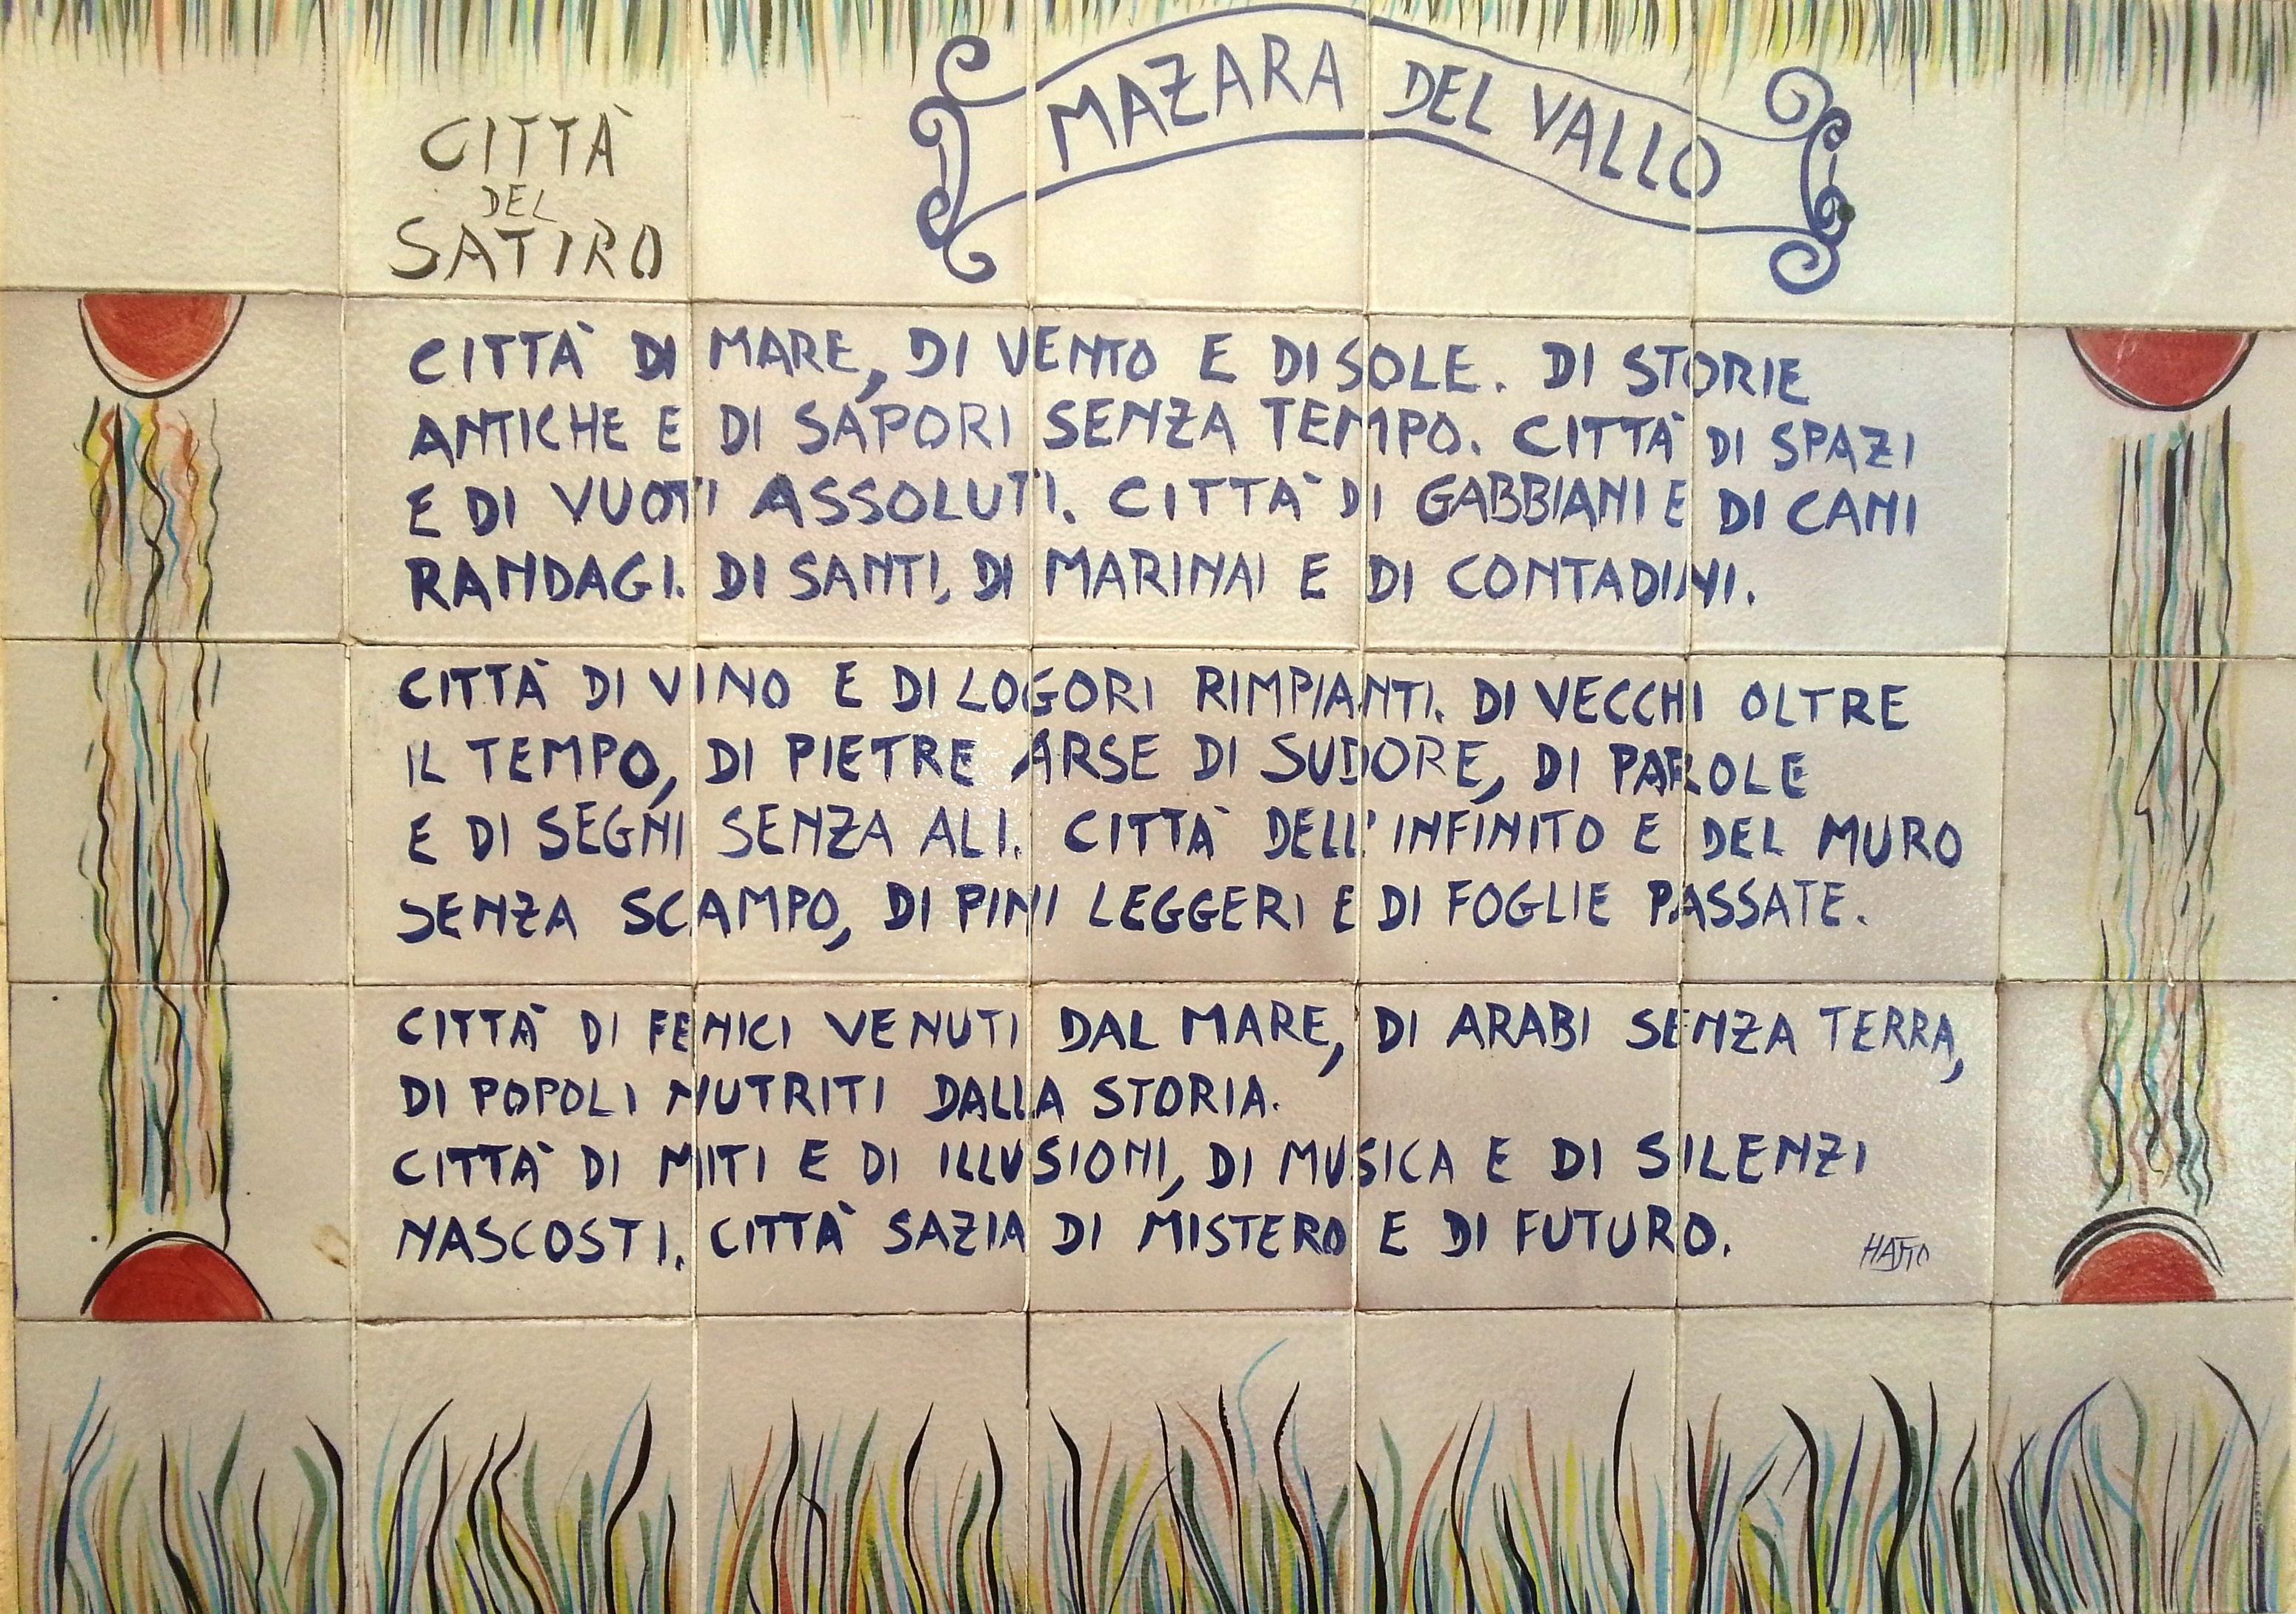 Mazara del vallo rivive linchiesta sicilia